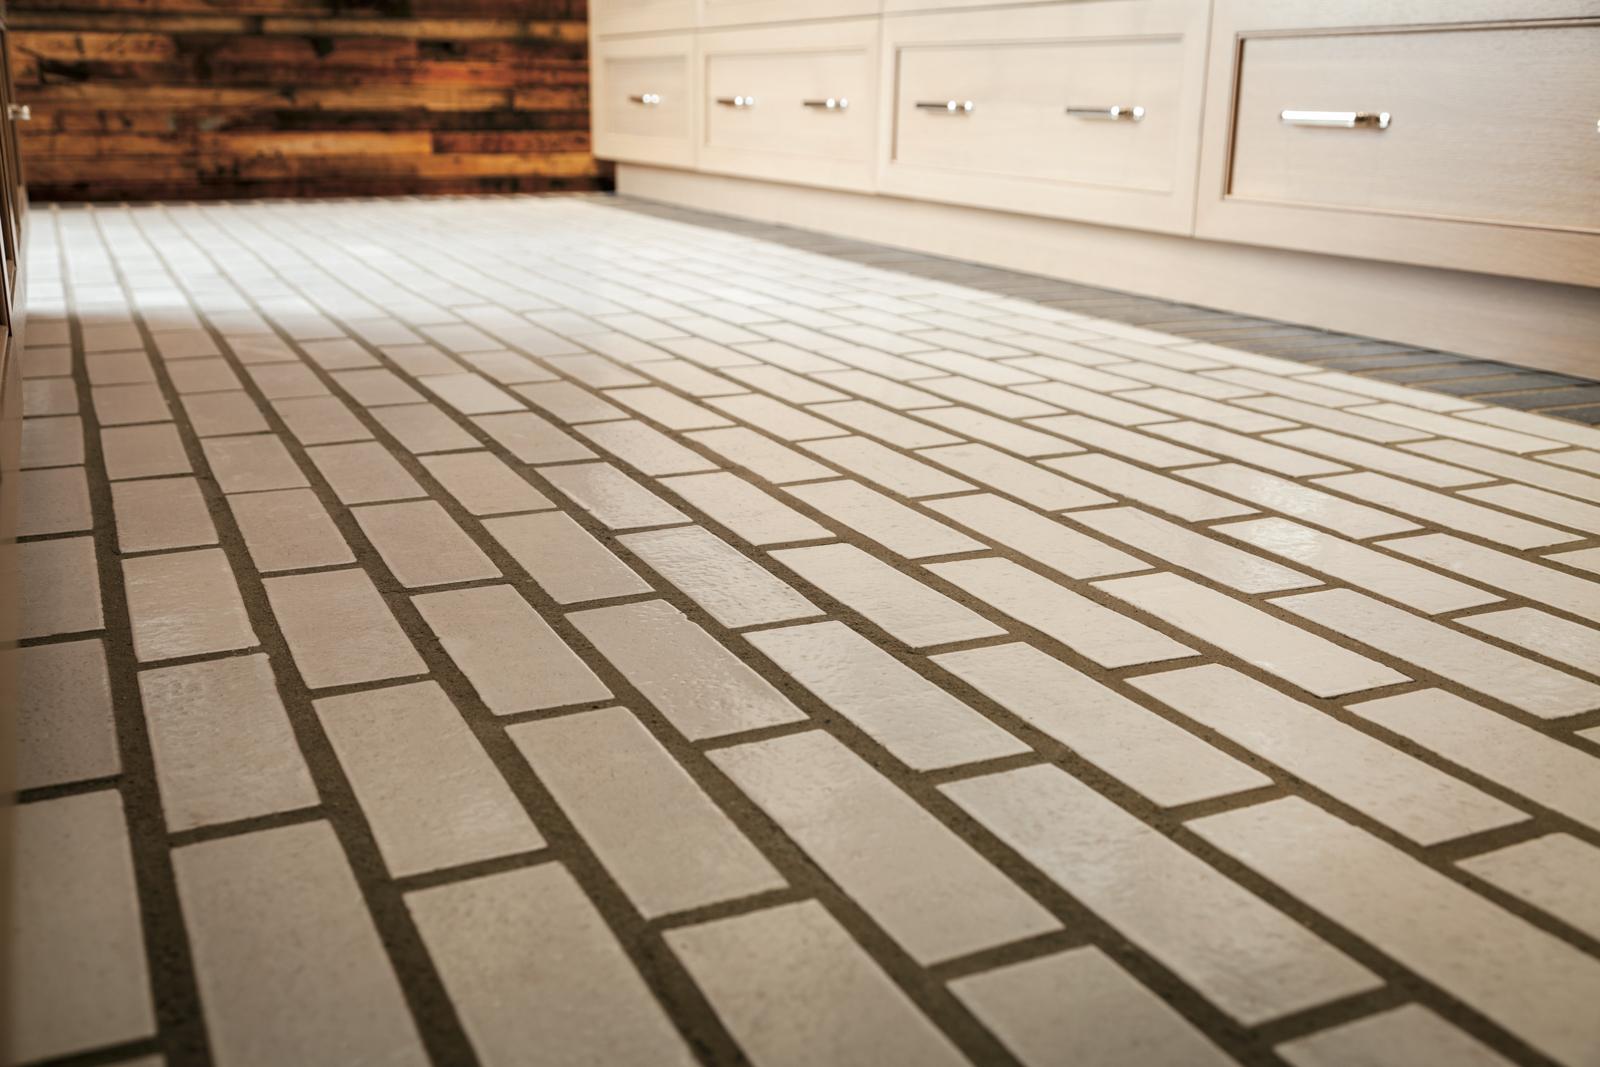 Brick__Cotton__Galaxy__GE_Appliances-Power_Creative__Kitchen-2.jpg?mtime=20180618203541#asset:333610